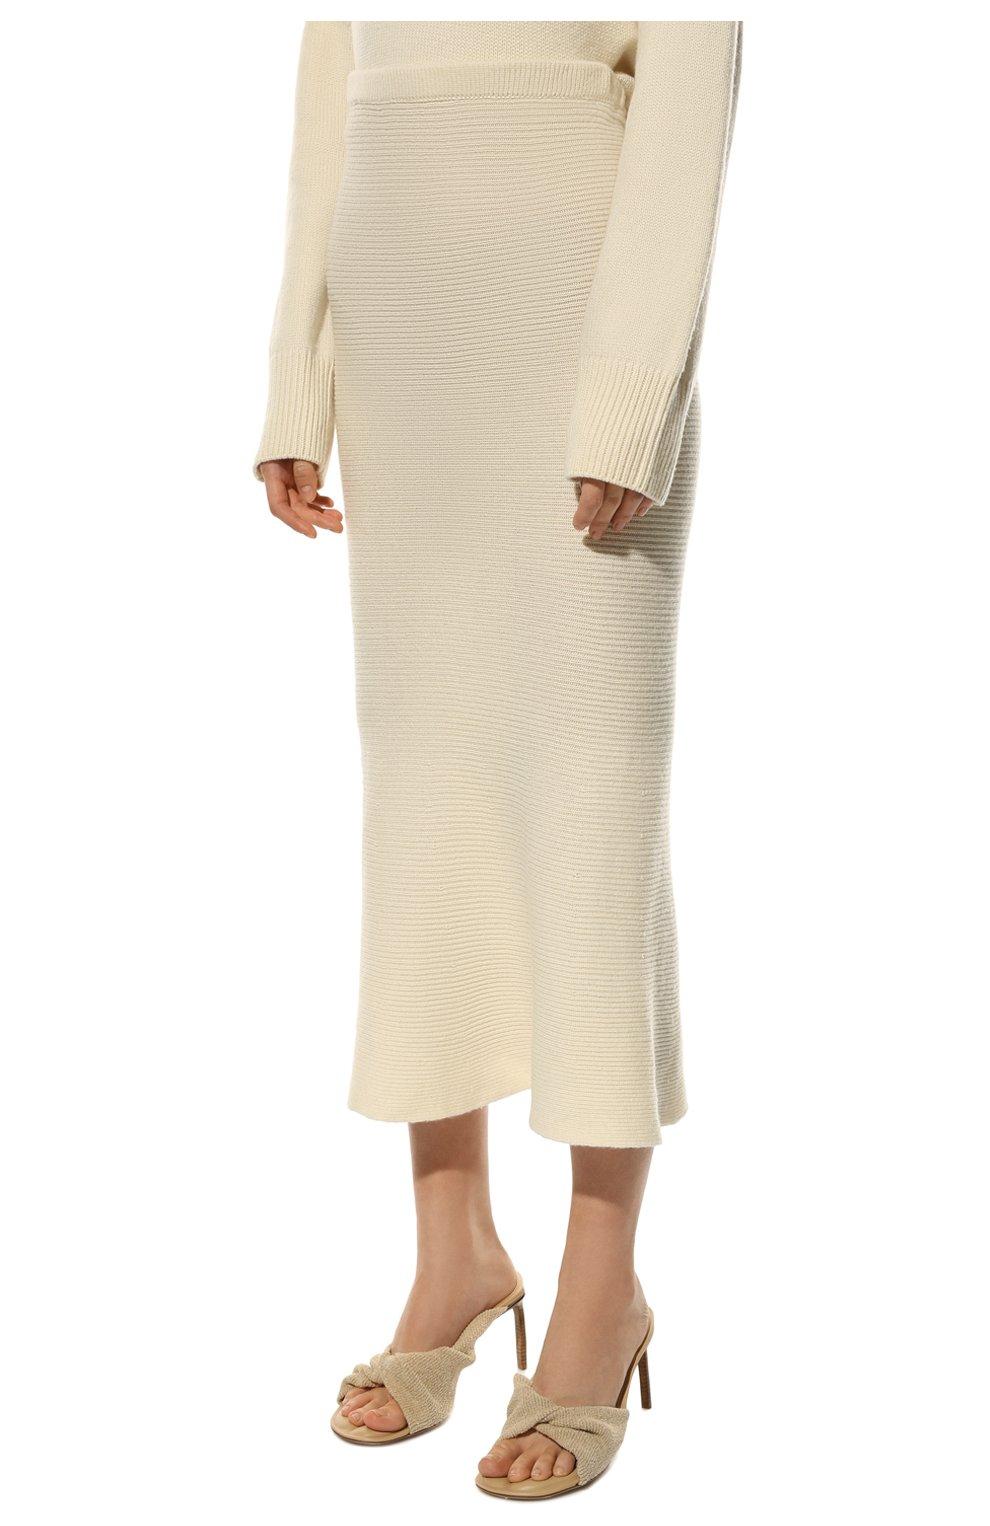 Женская кашемировая юбка ADDICTED белого цвета, арт. MK922   Фото 3 (Материал внешний: Шерсть; Кросс-КТ: Трикотаж; Длина Ж (юбки, платья, шорты): Миди; Статус проверки: Проверено)